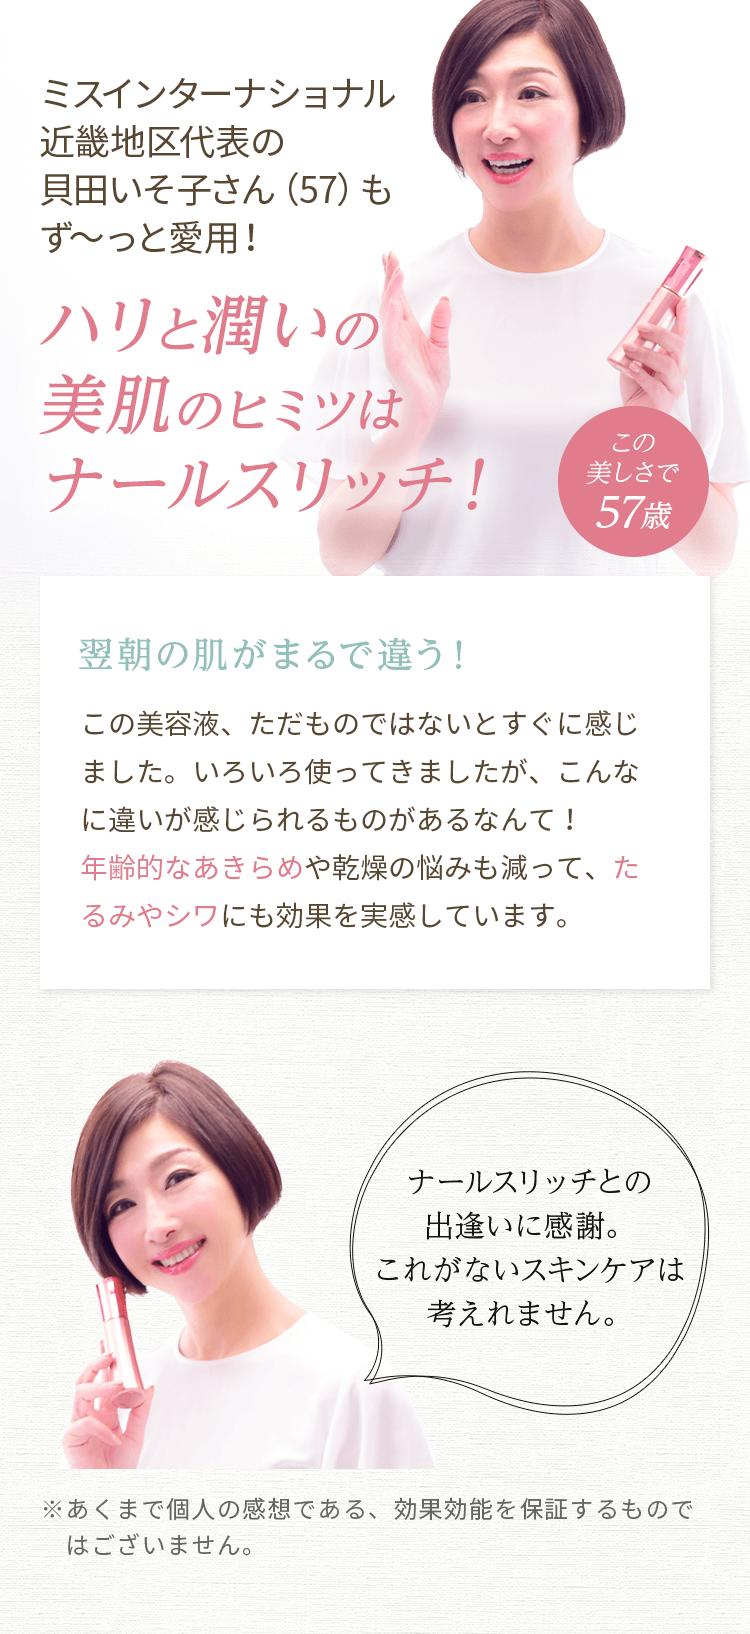 ミスインターナショナル近畿地区代表の貝田いそ子さん(57)もず〜っと愛用!…